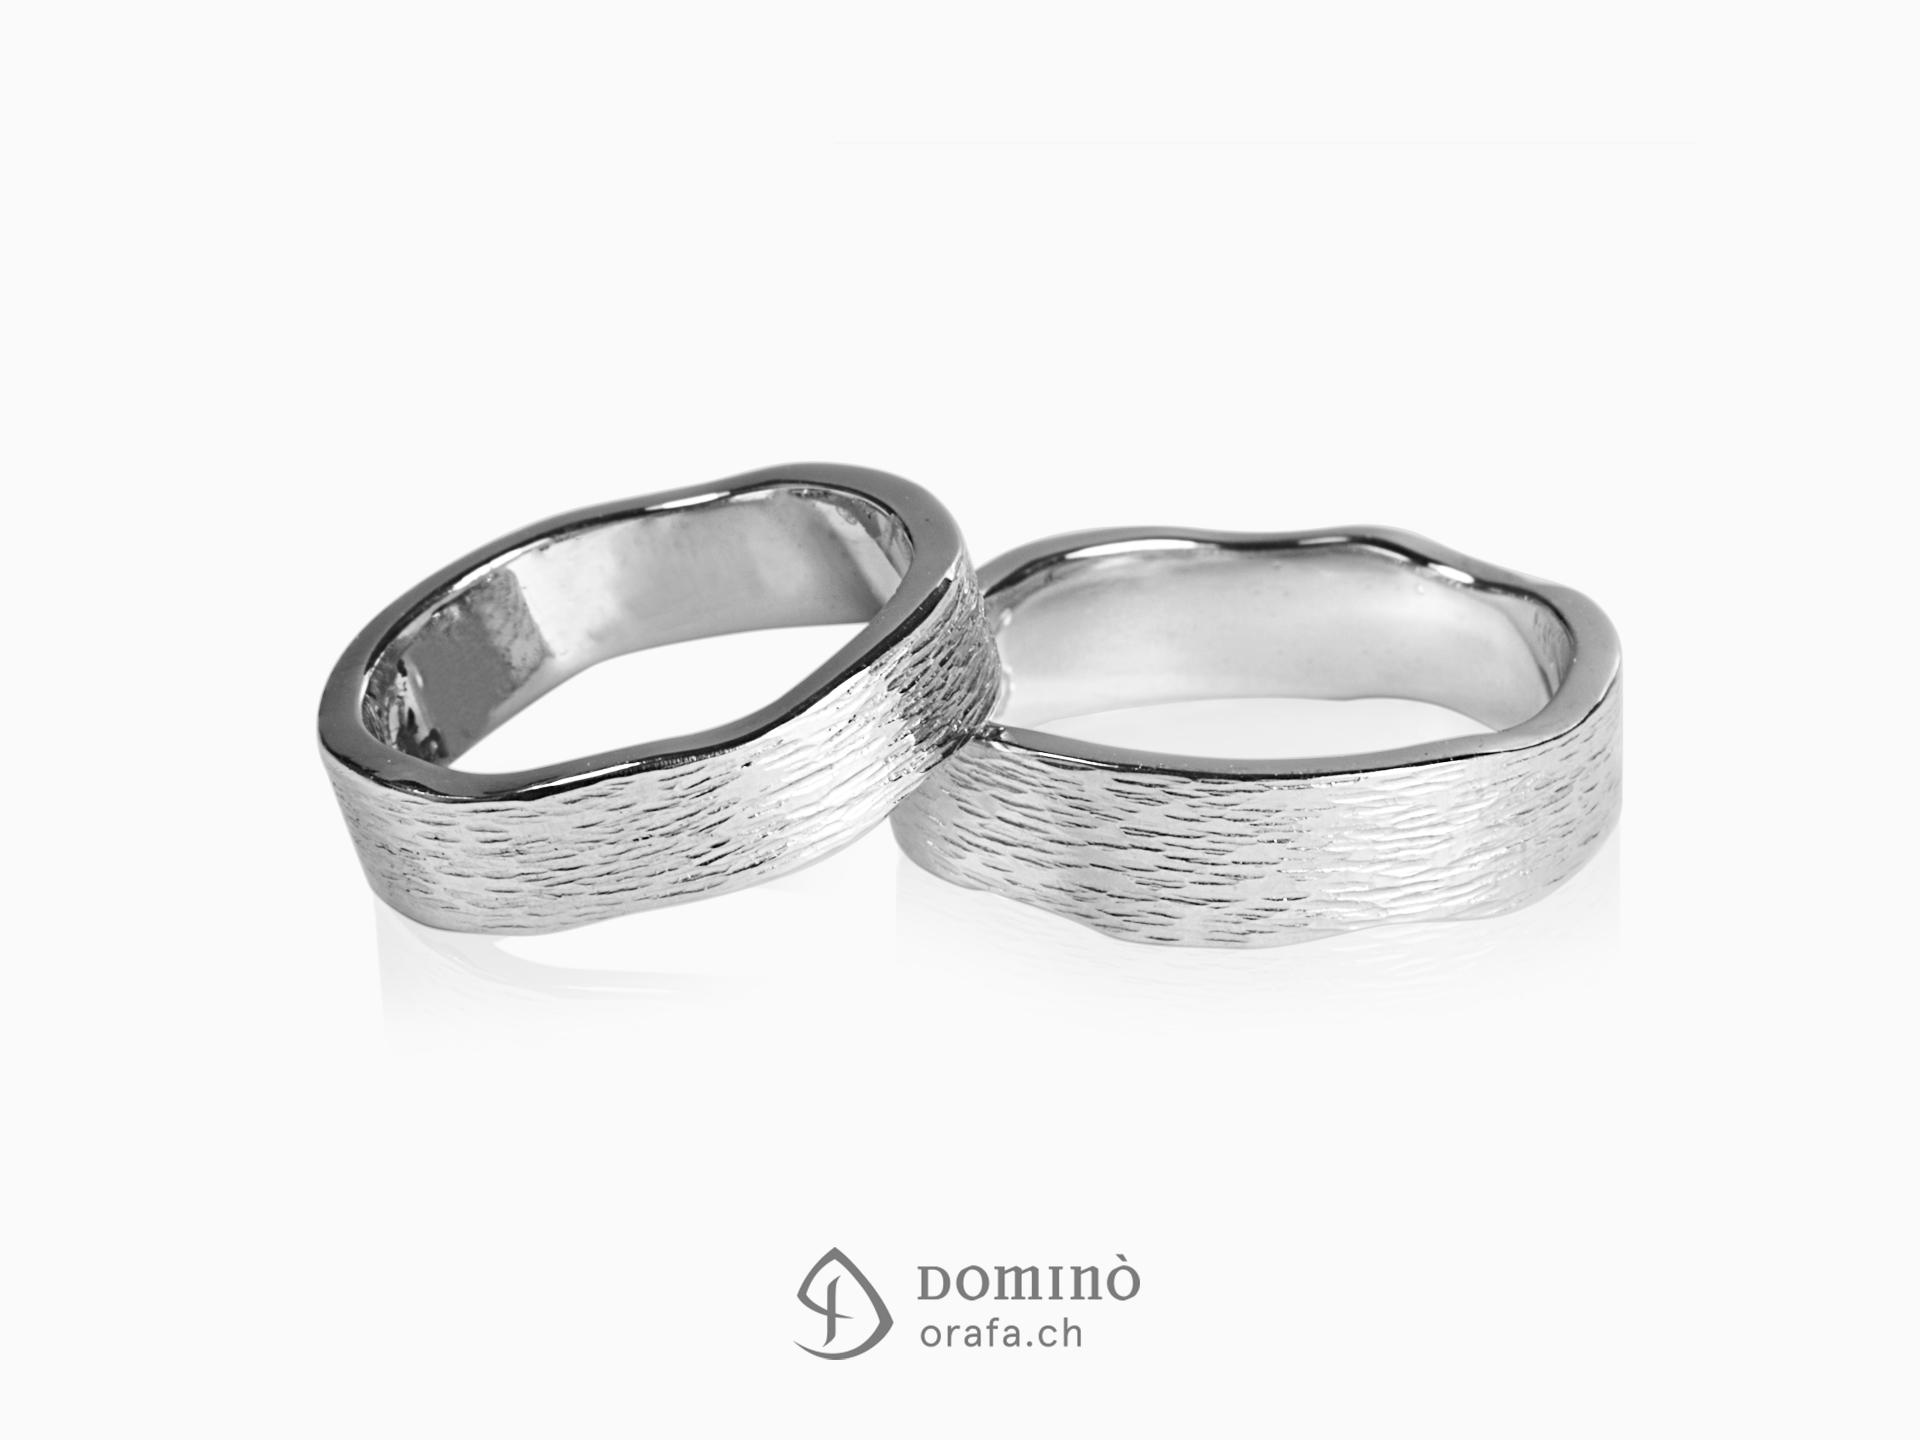 anelli-linee-verticali-bordi-irregolari-1